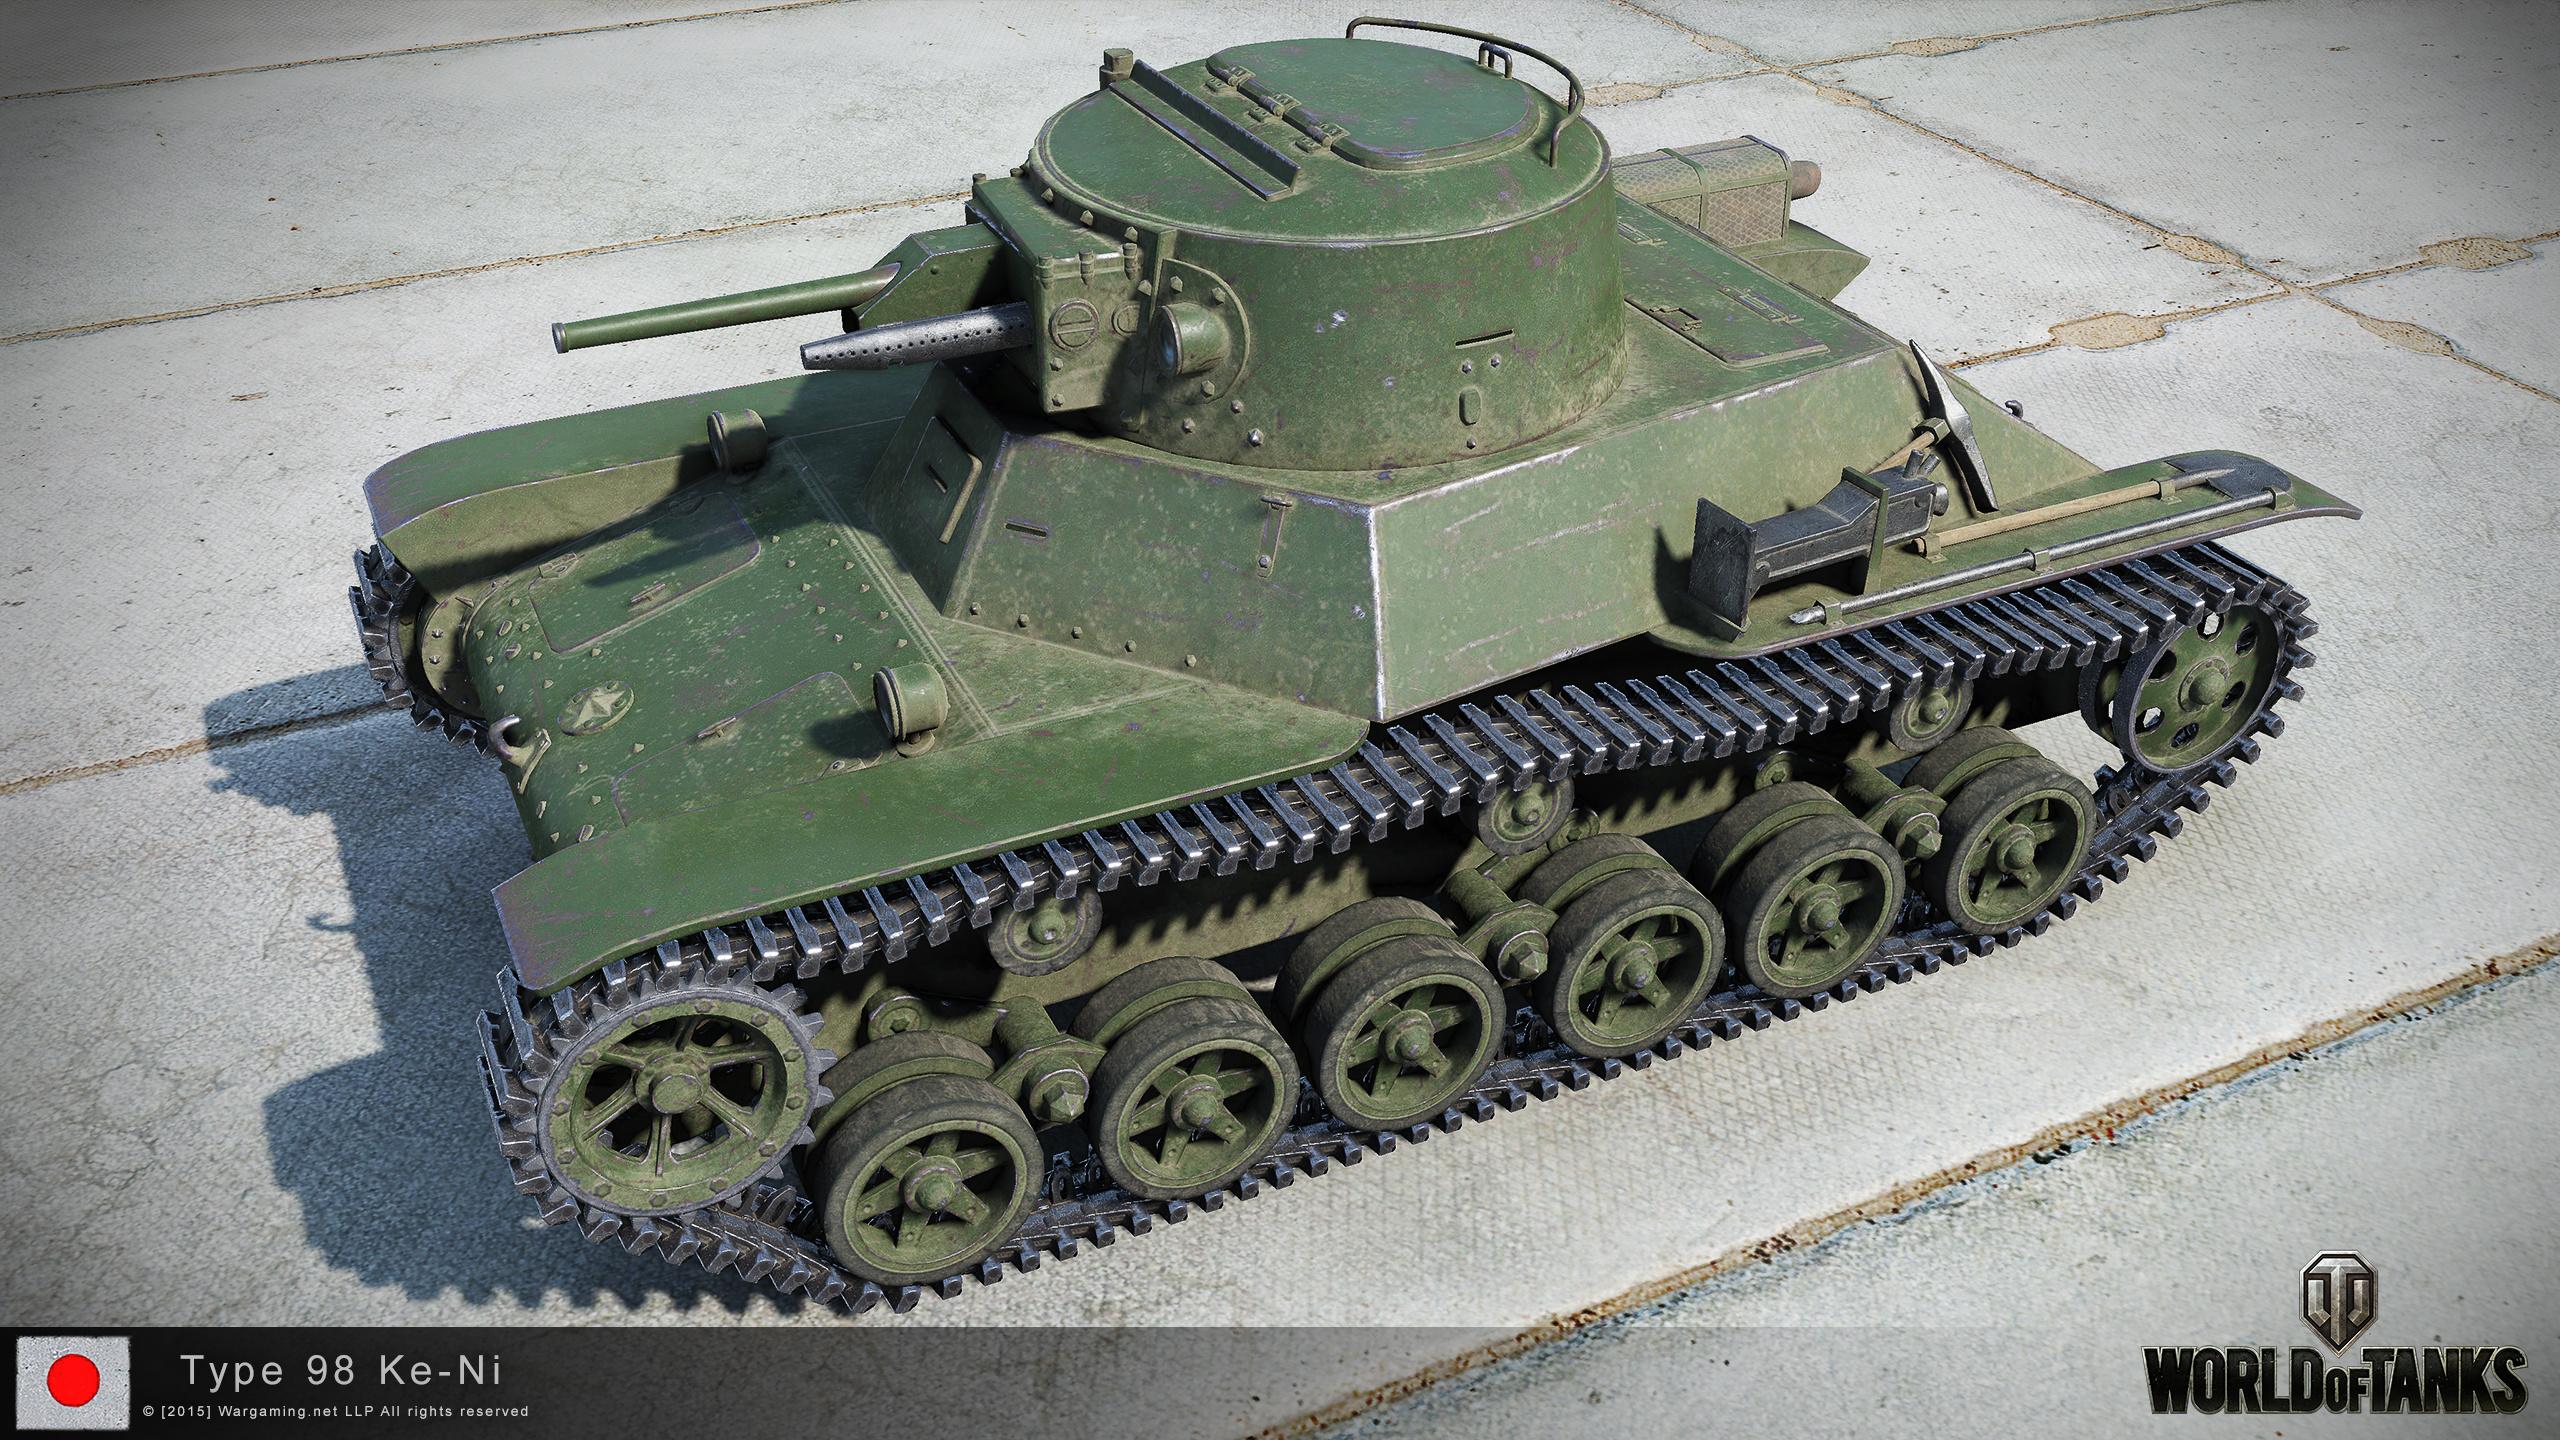 聊聊《戰爭雷霆》裡的98式Ke-Ni輕型坦克系列